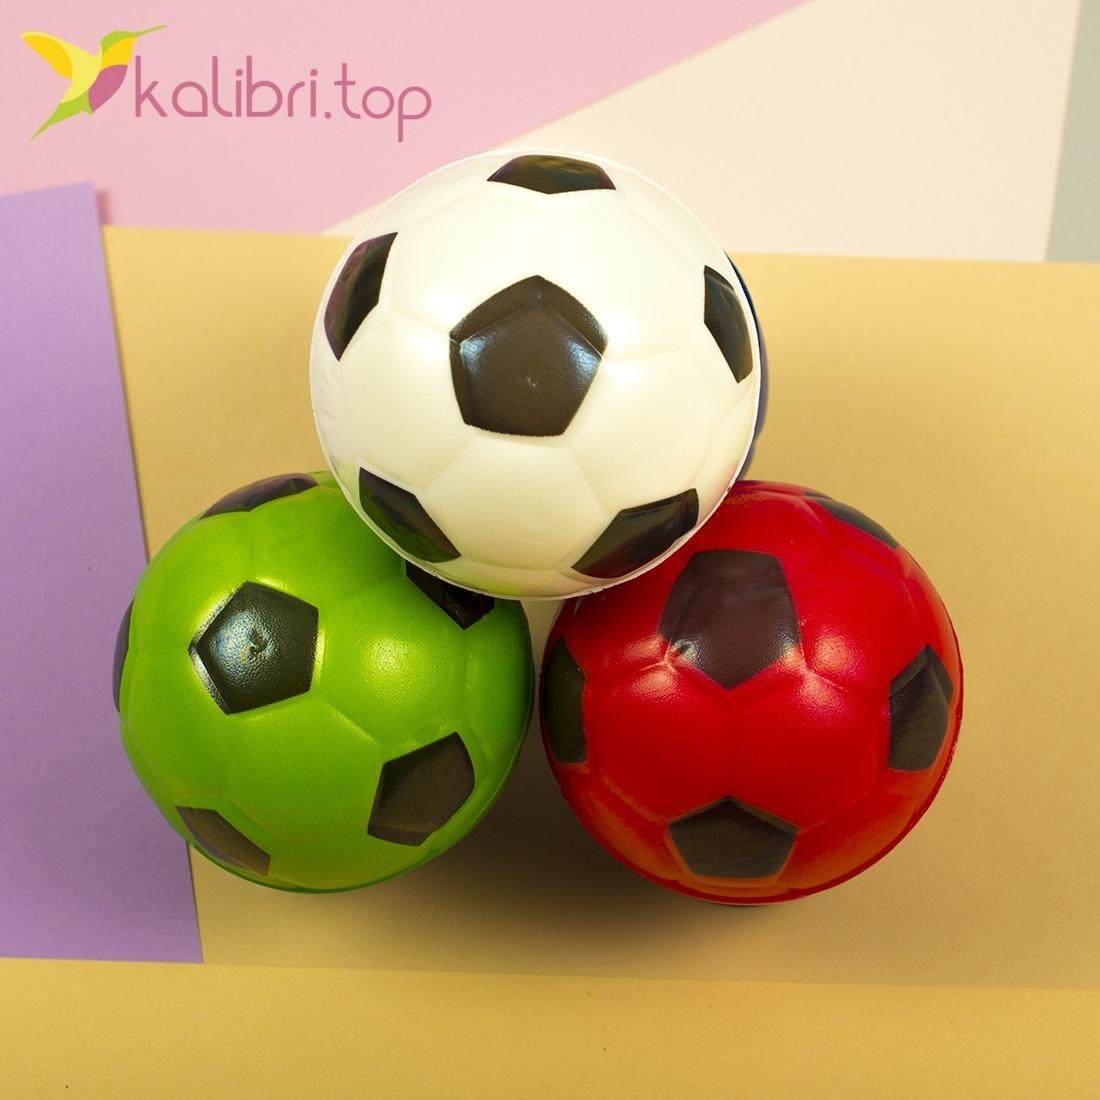 Мячики мягкие, поролоновые Футбол, оптом - фото 2